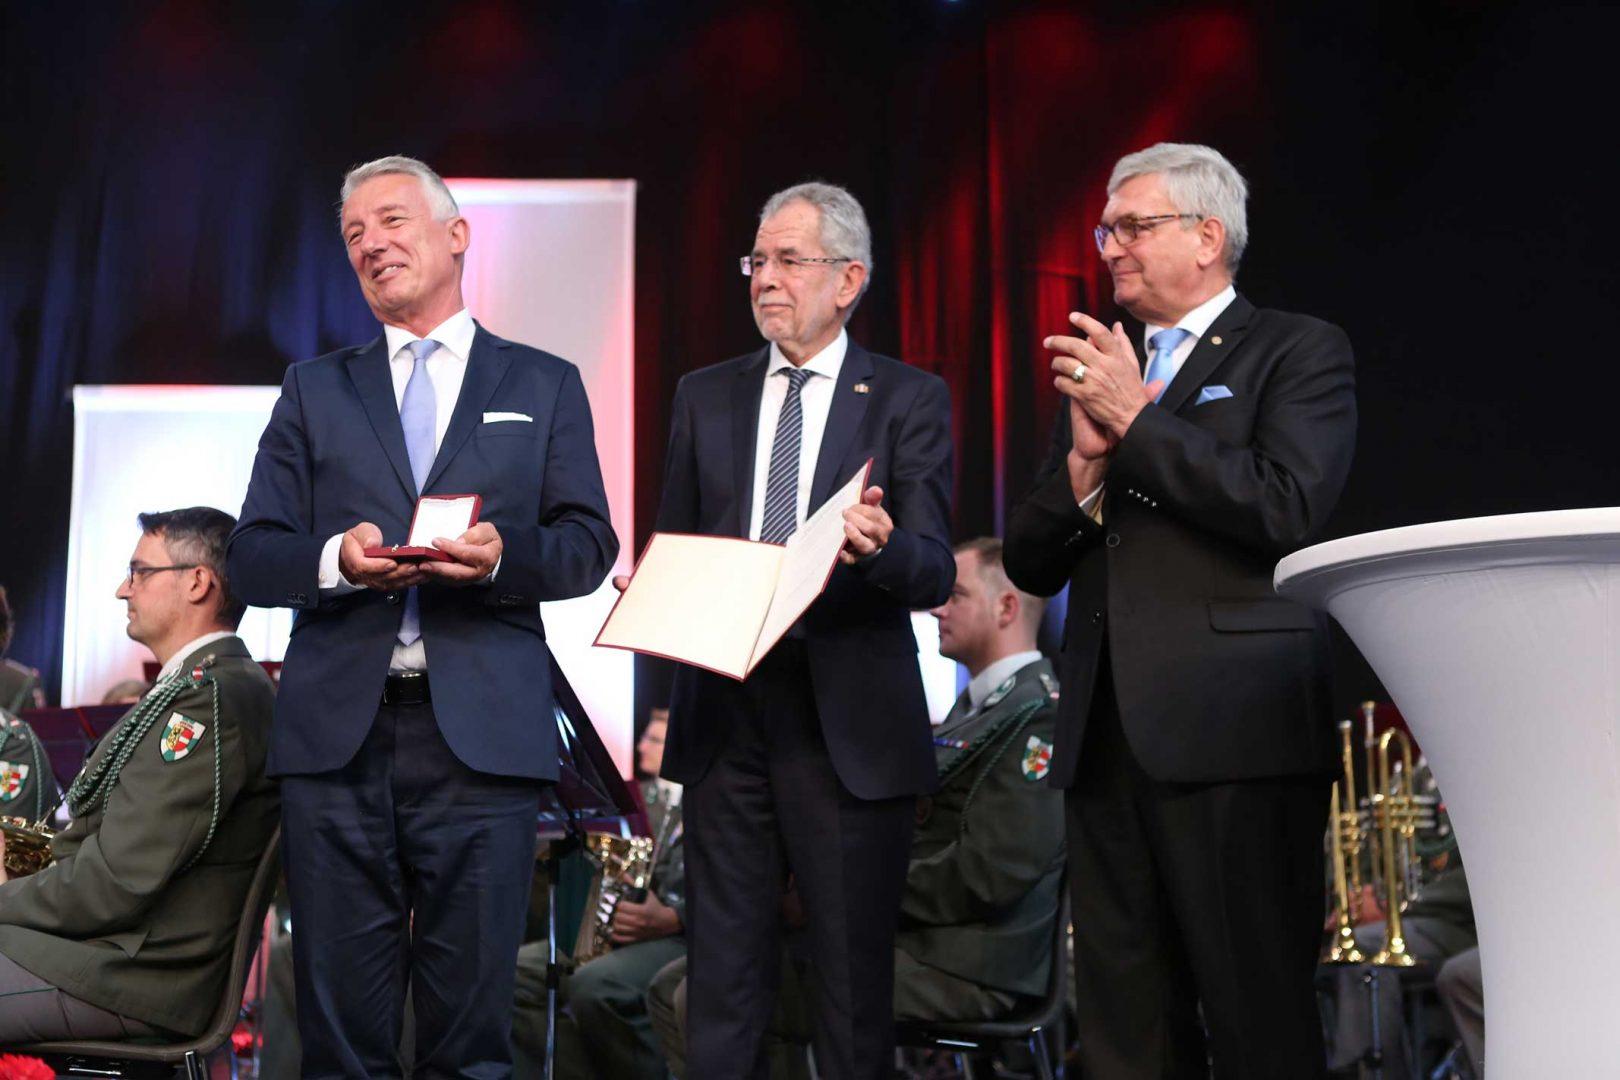 Für seine umfangreichen Verdienste erhielt Helmut Mödlhammer das Große Goldene Ehrenkreuz für Wissenschaft und Kunst der Republik Österreich. ©Schuller